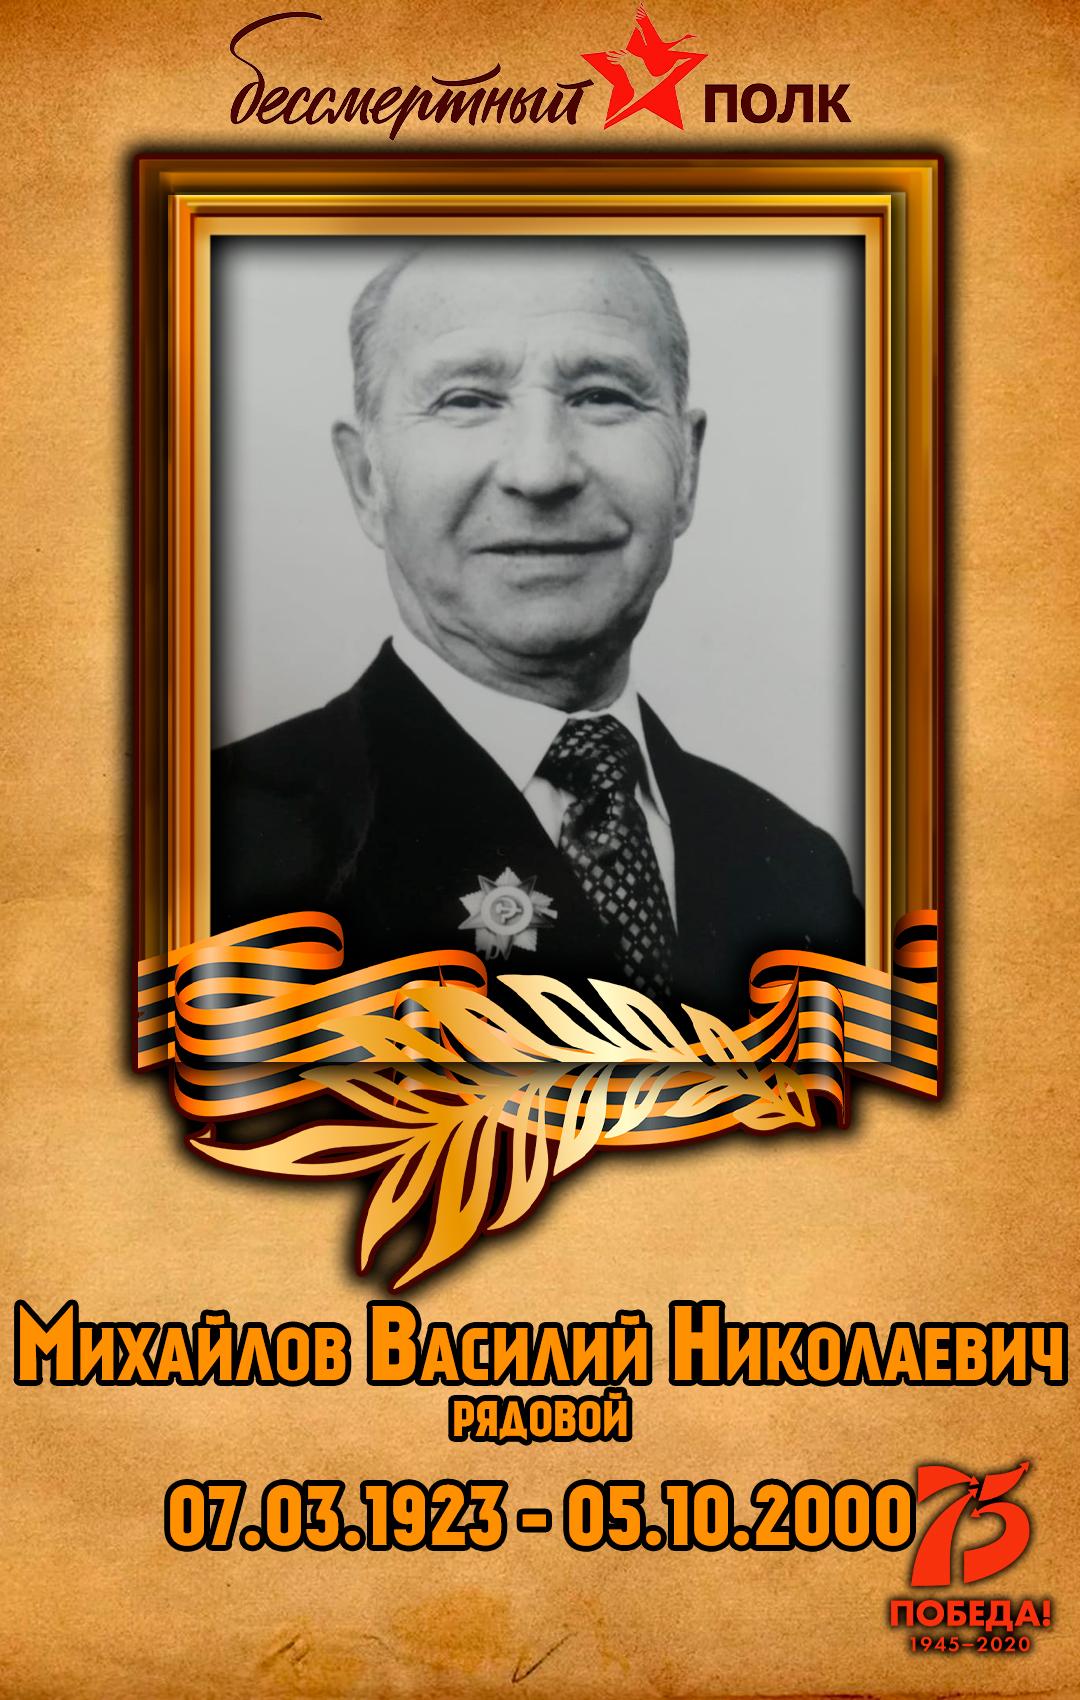 Михайлов-Василий-Николаевич